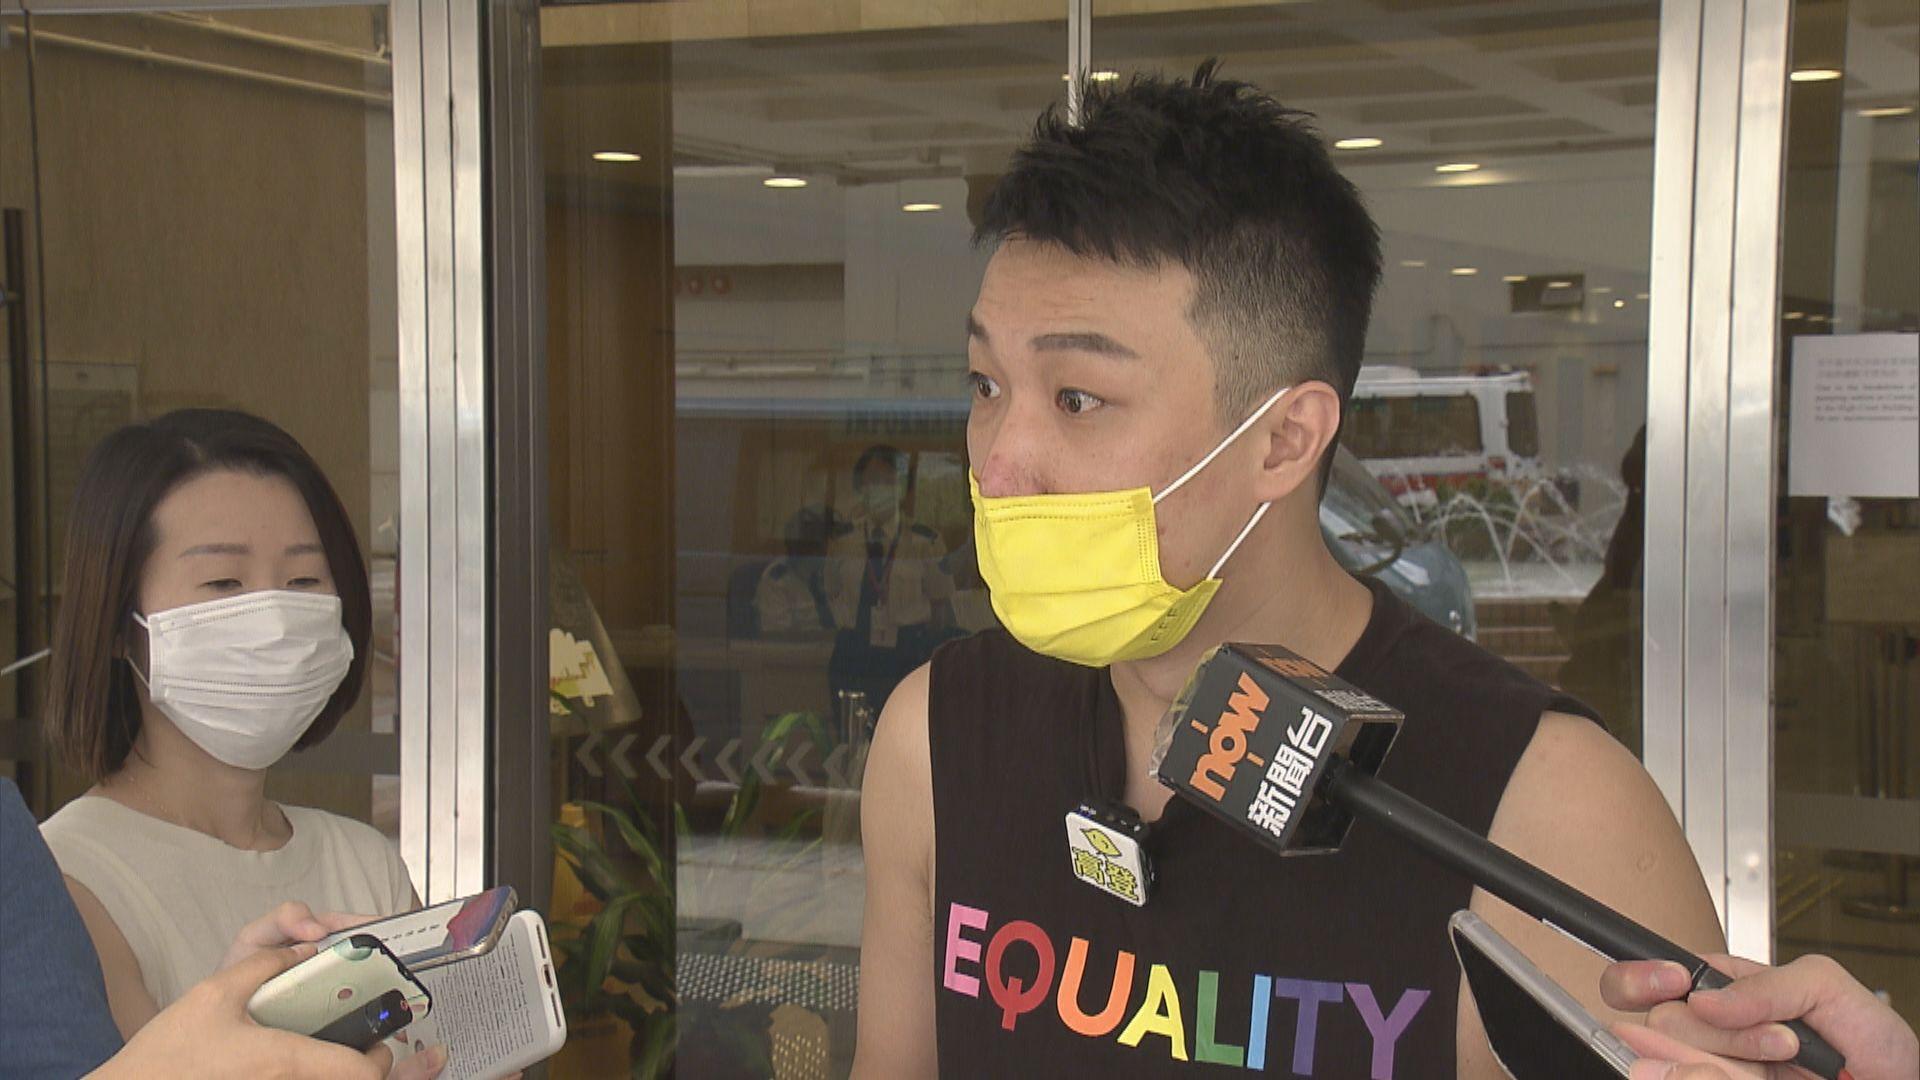 高院裁定政府不承認海外同性婚姻合憲